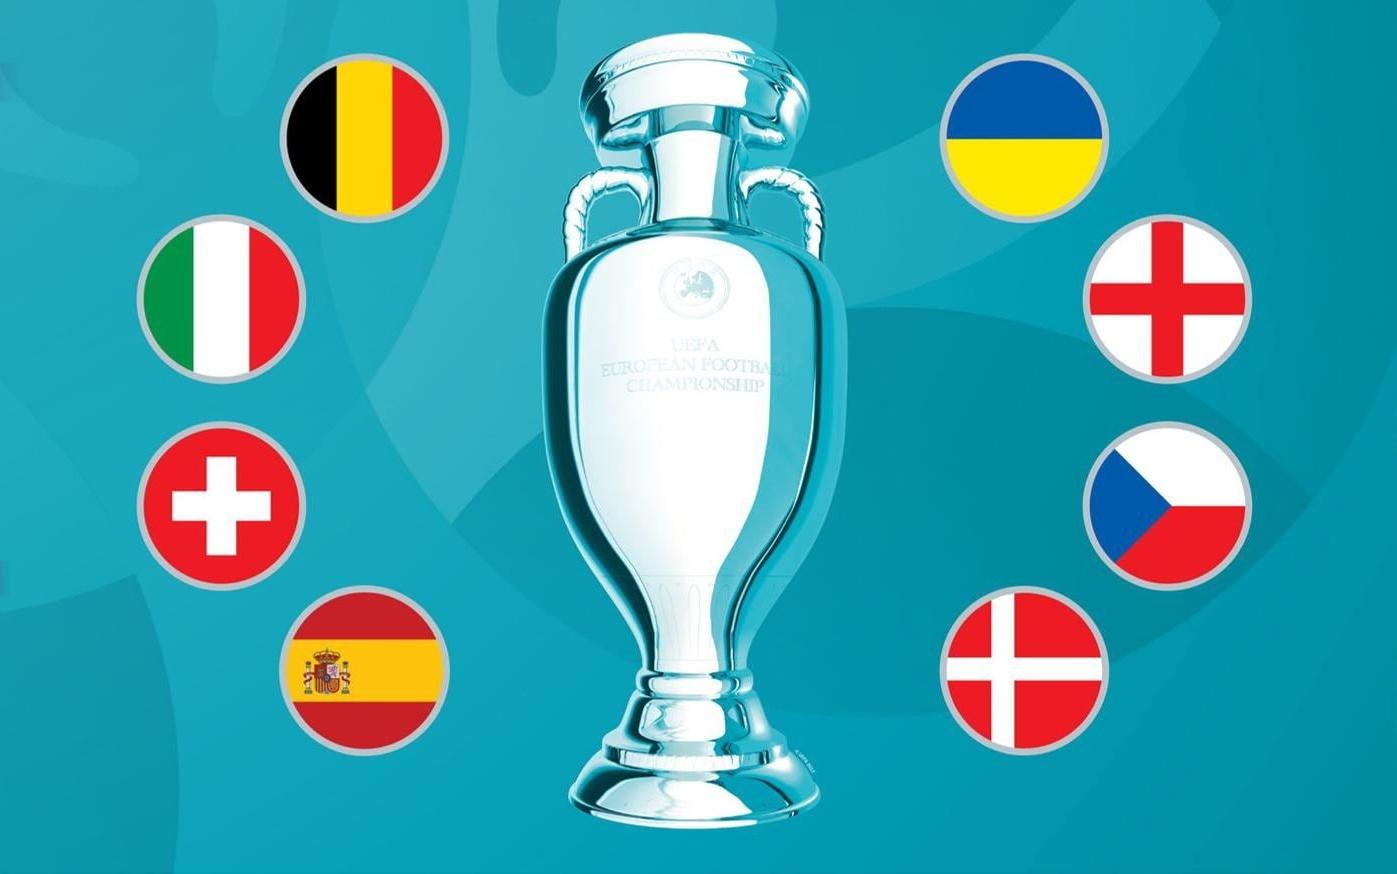 Điểm danh tám anh hào tại tứ kết Euro 2020